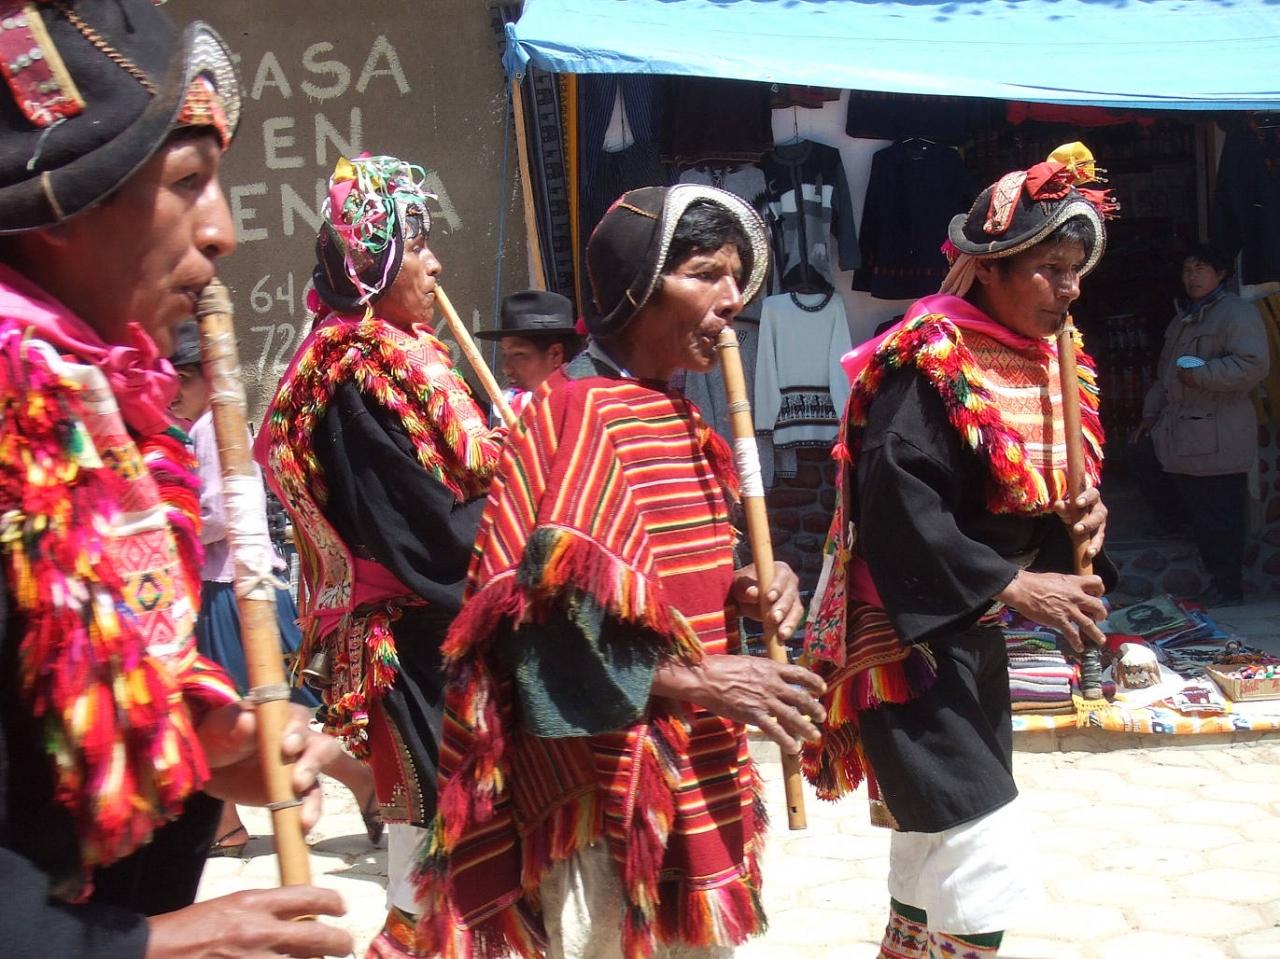 アンデスのお祭り−タラブコのカーニバルと日曜市 #7-南米ボリビア国